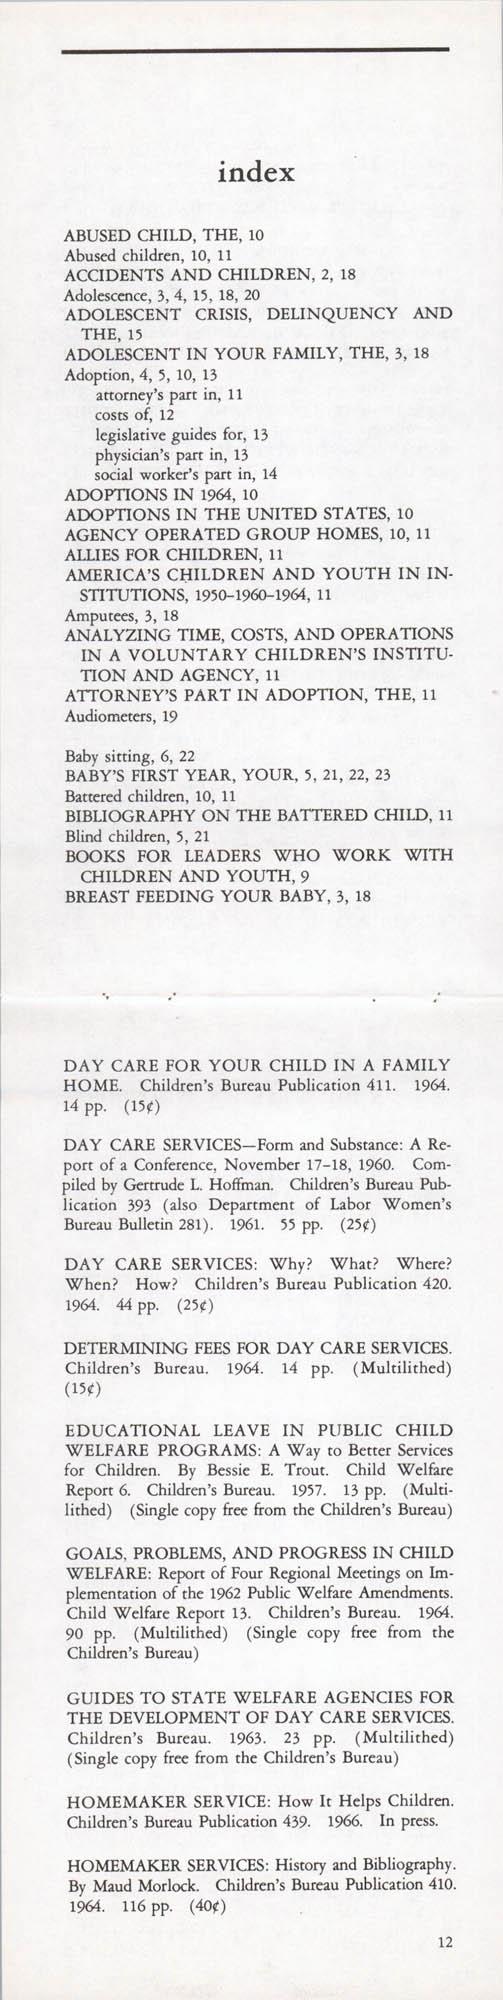 Publications of the Children's Bureau, Page 12